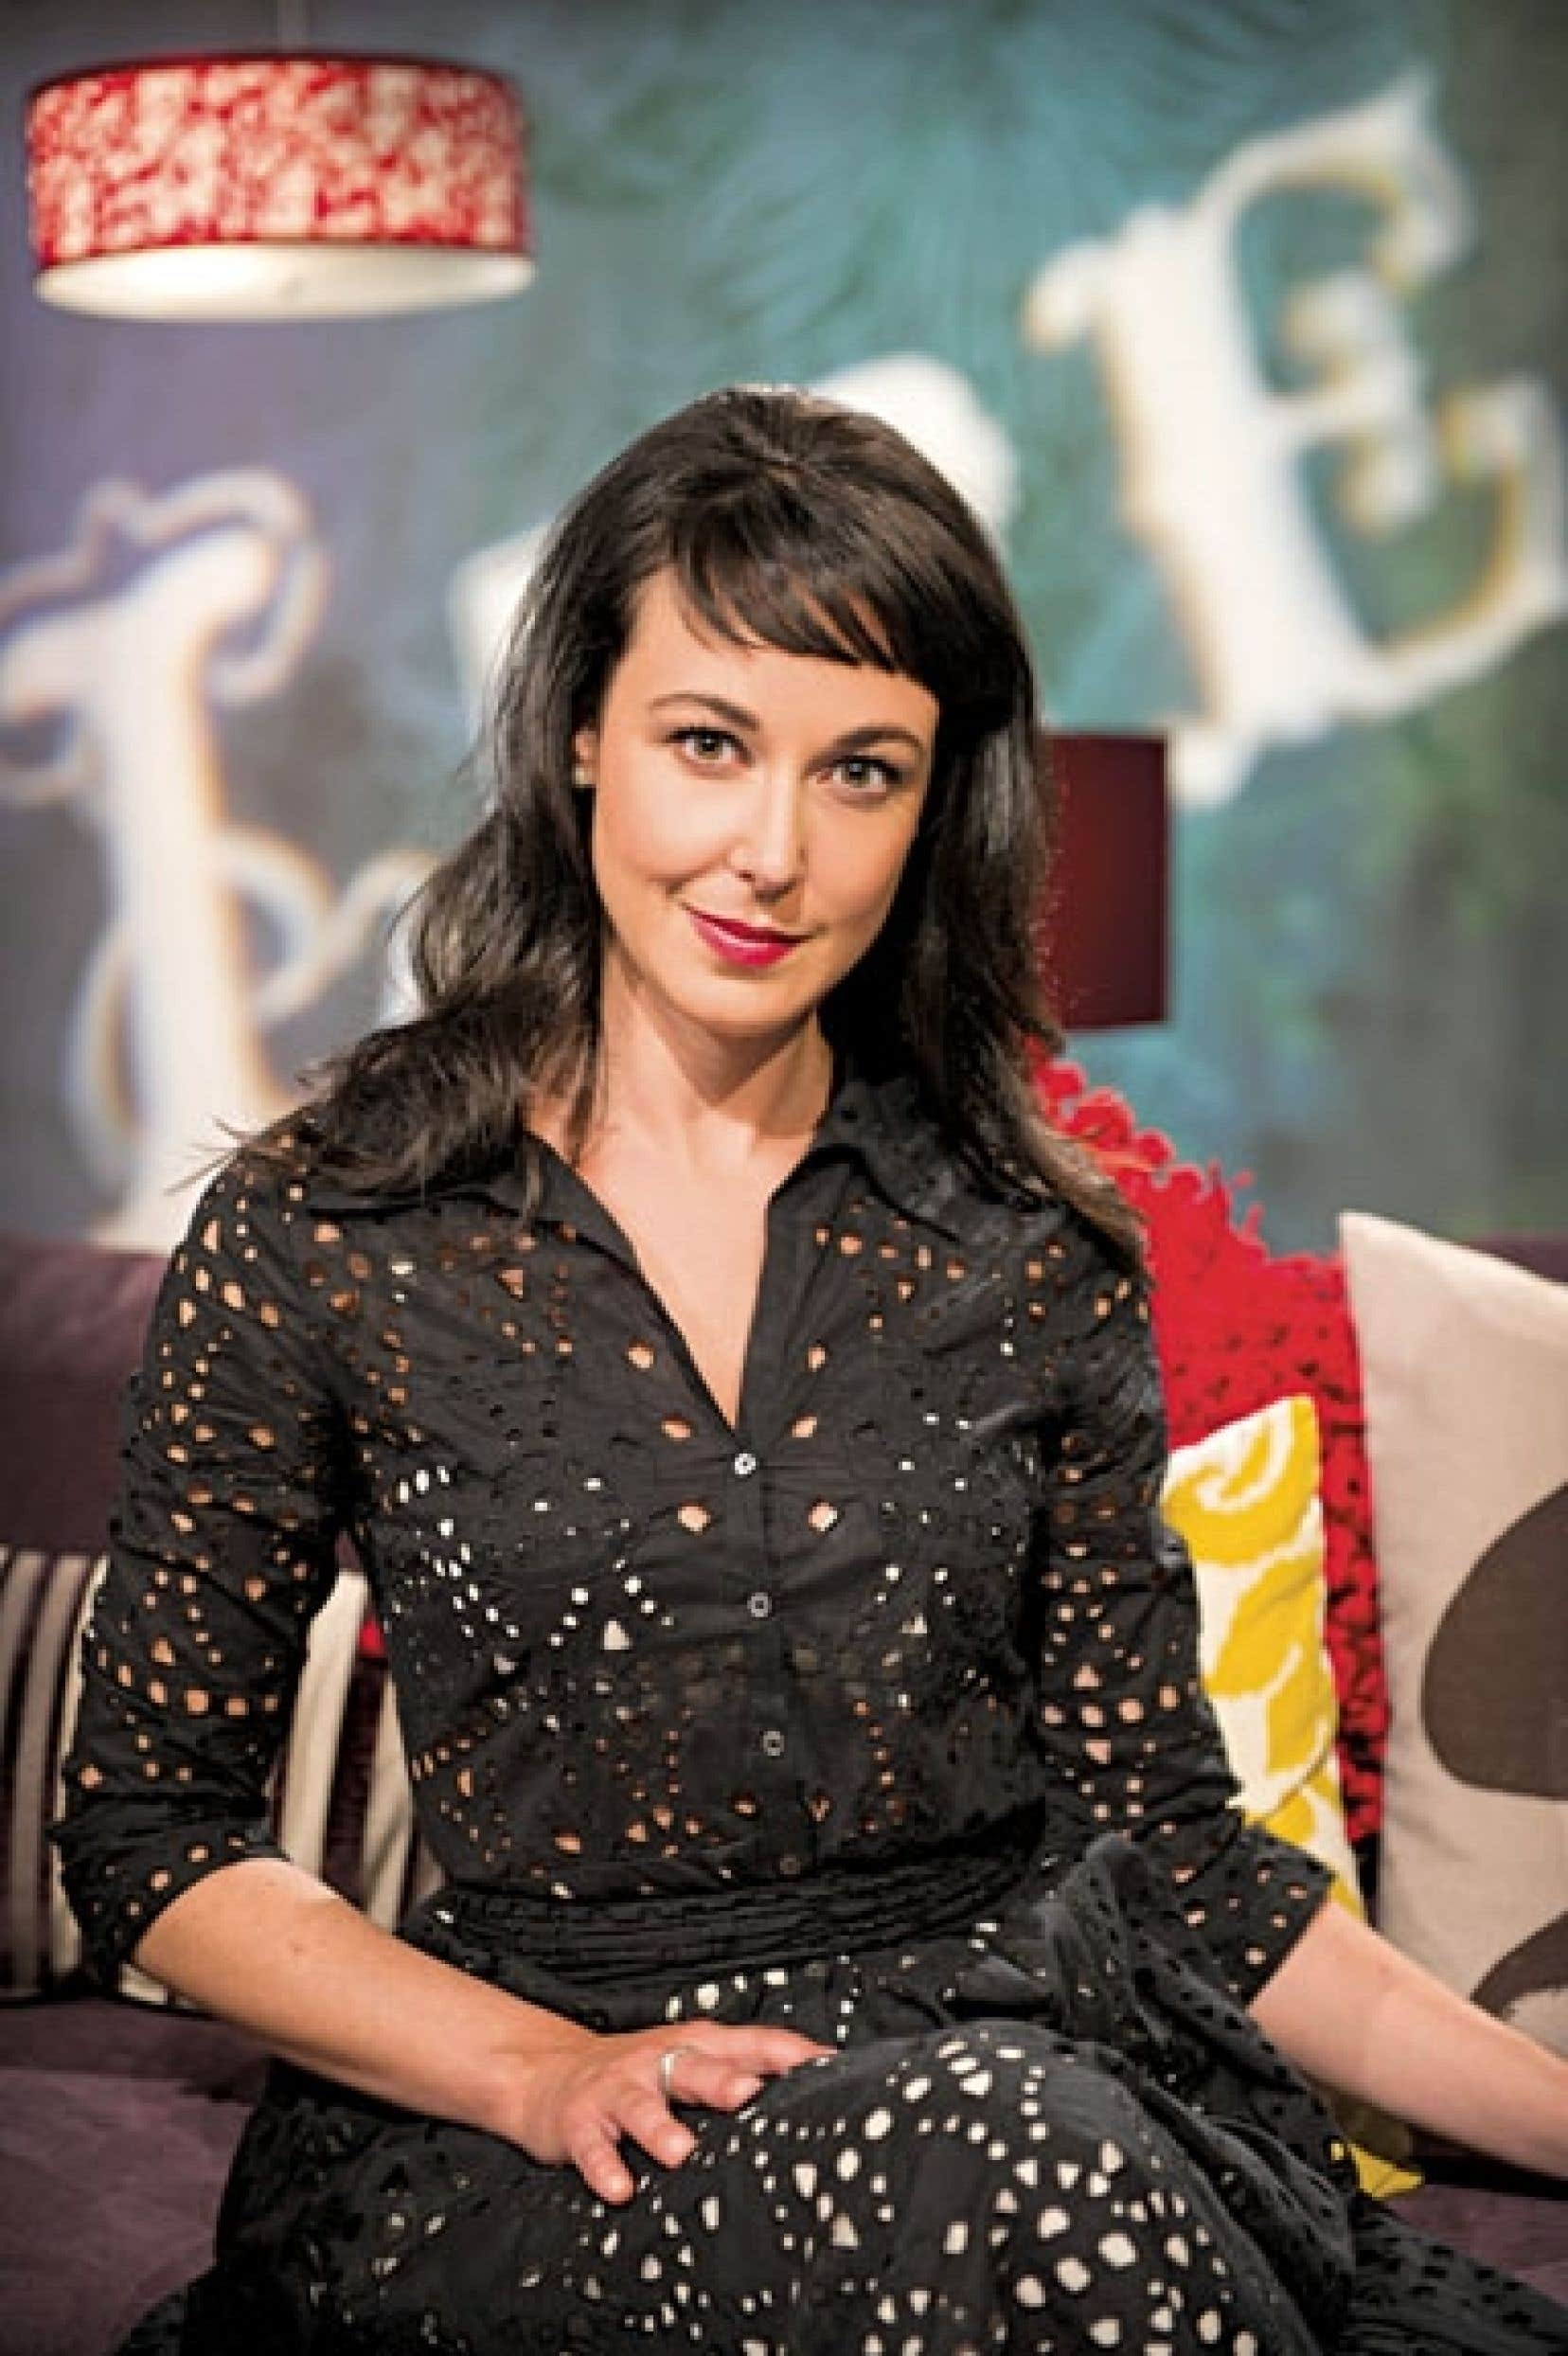 Lire, le magazine littéraire animé par Claudia Larochelle, revient à ARTV.